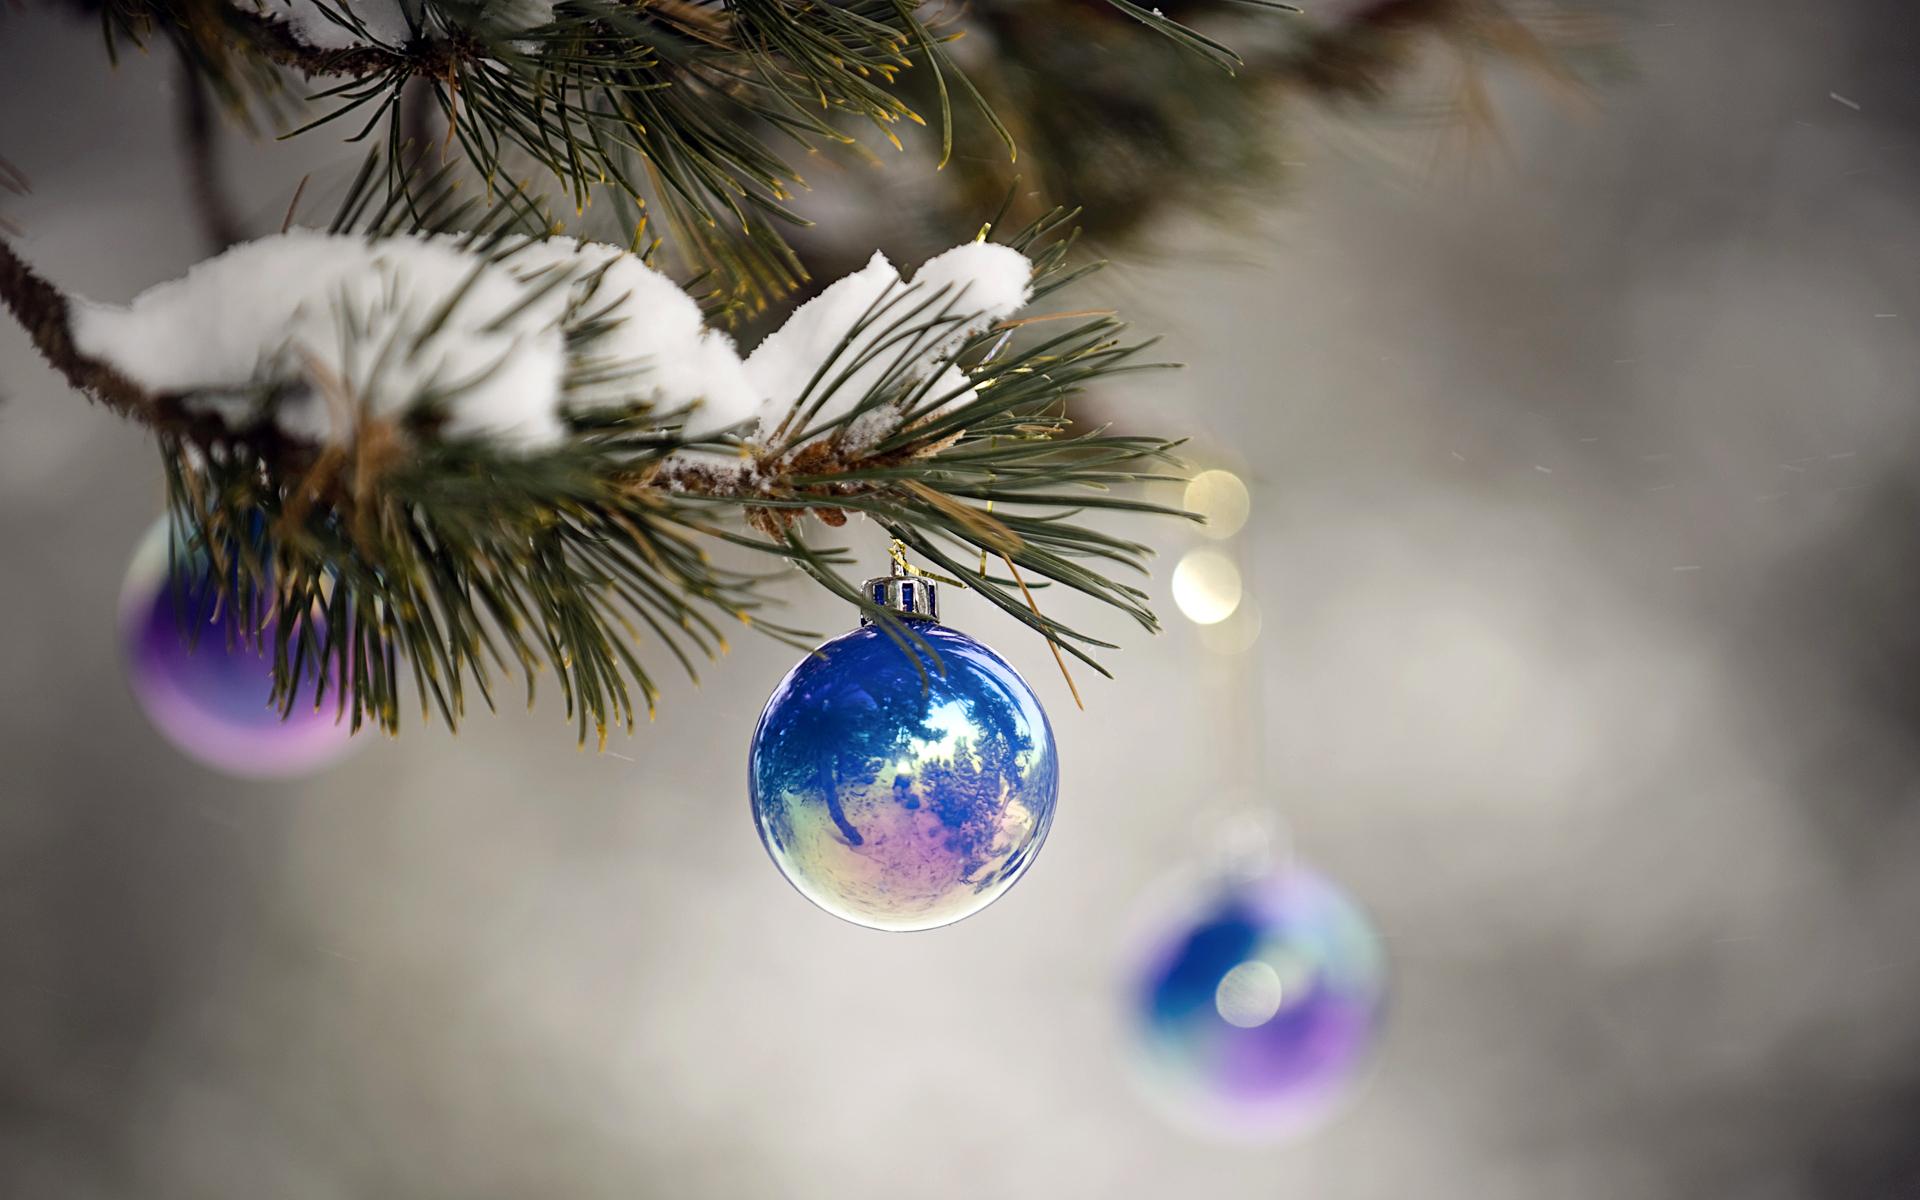 16103 скачать обои Праздники, Зима, Новый Год (New Year), Рождество (Christmas, Xmas) - заставки и картинки бесплатно